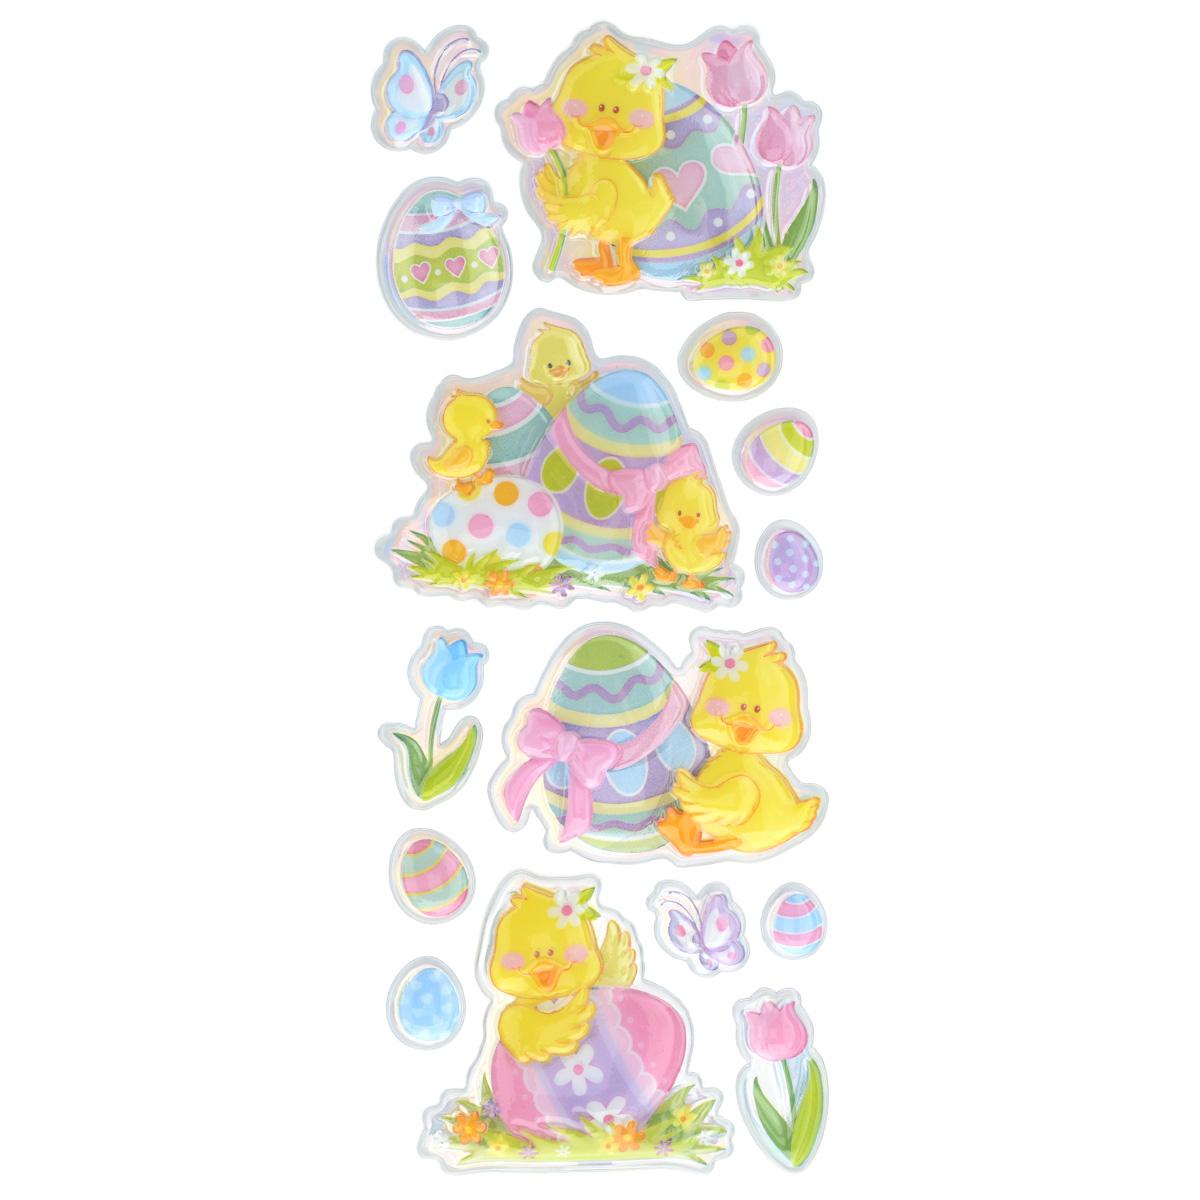 Набор объемных наклеек Home Queen Цыплята с тюльпанами, 15 штUTT-91Набор объемных наклеек Home Queen Цыплята с тюльпанами прекрасно подойдет для оформления творческих работ. Их можно использовать для скрапбукинга, украшения упаковок, подарков и конвертов, открыток, декорирования коллажей, фотографий, изделий ручной работы и предметов интерьера. Объемные наклейки выполнены из ПВХ. Задняя сторона клейкая. В наборе - 15 объемных наклеек, выполненных в виде цыпленка, пасхальных яиц и цветов. Такой набор украшений создаст атмосферу праздника в вашем доме. Комплектация: 15 шт.Средний размер наклейки: 6 см х 5,5 см.